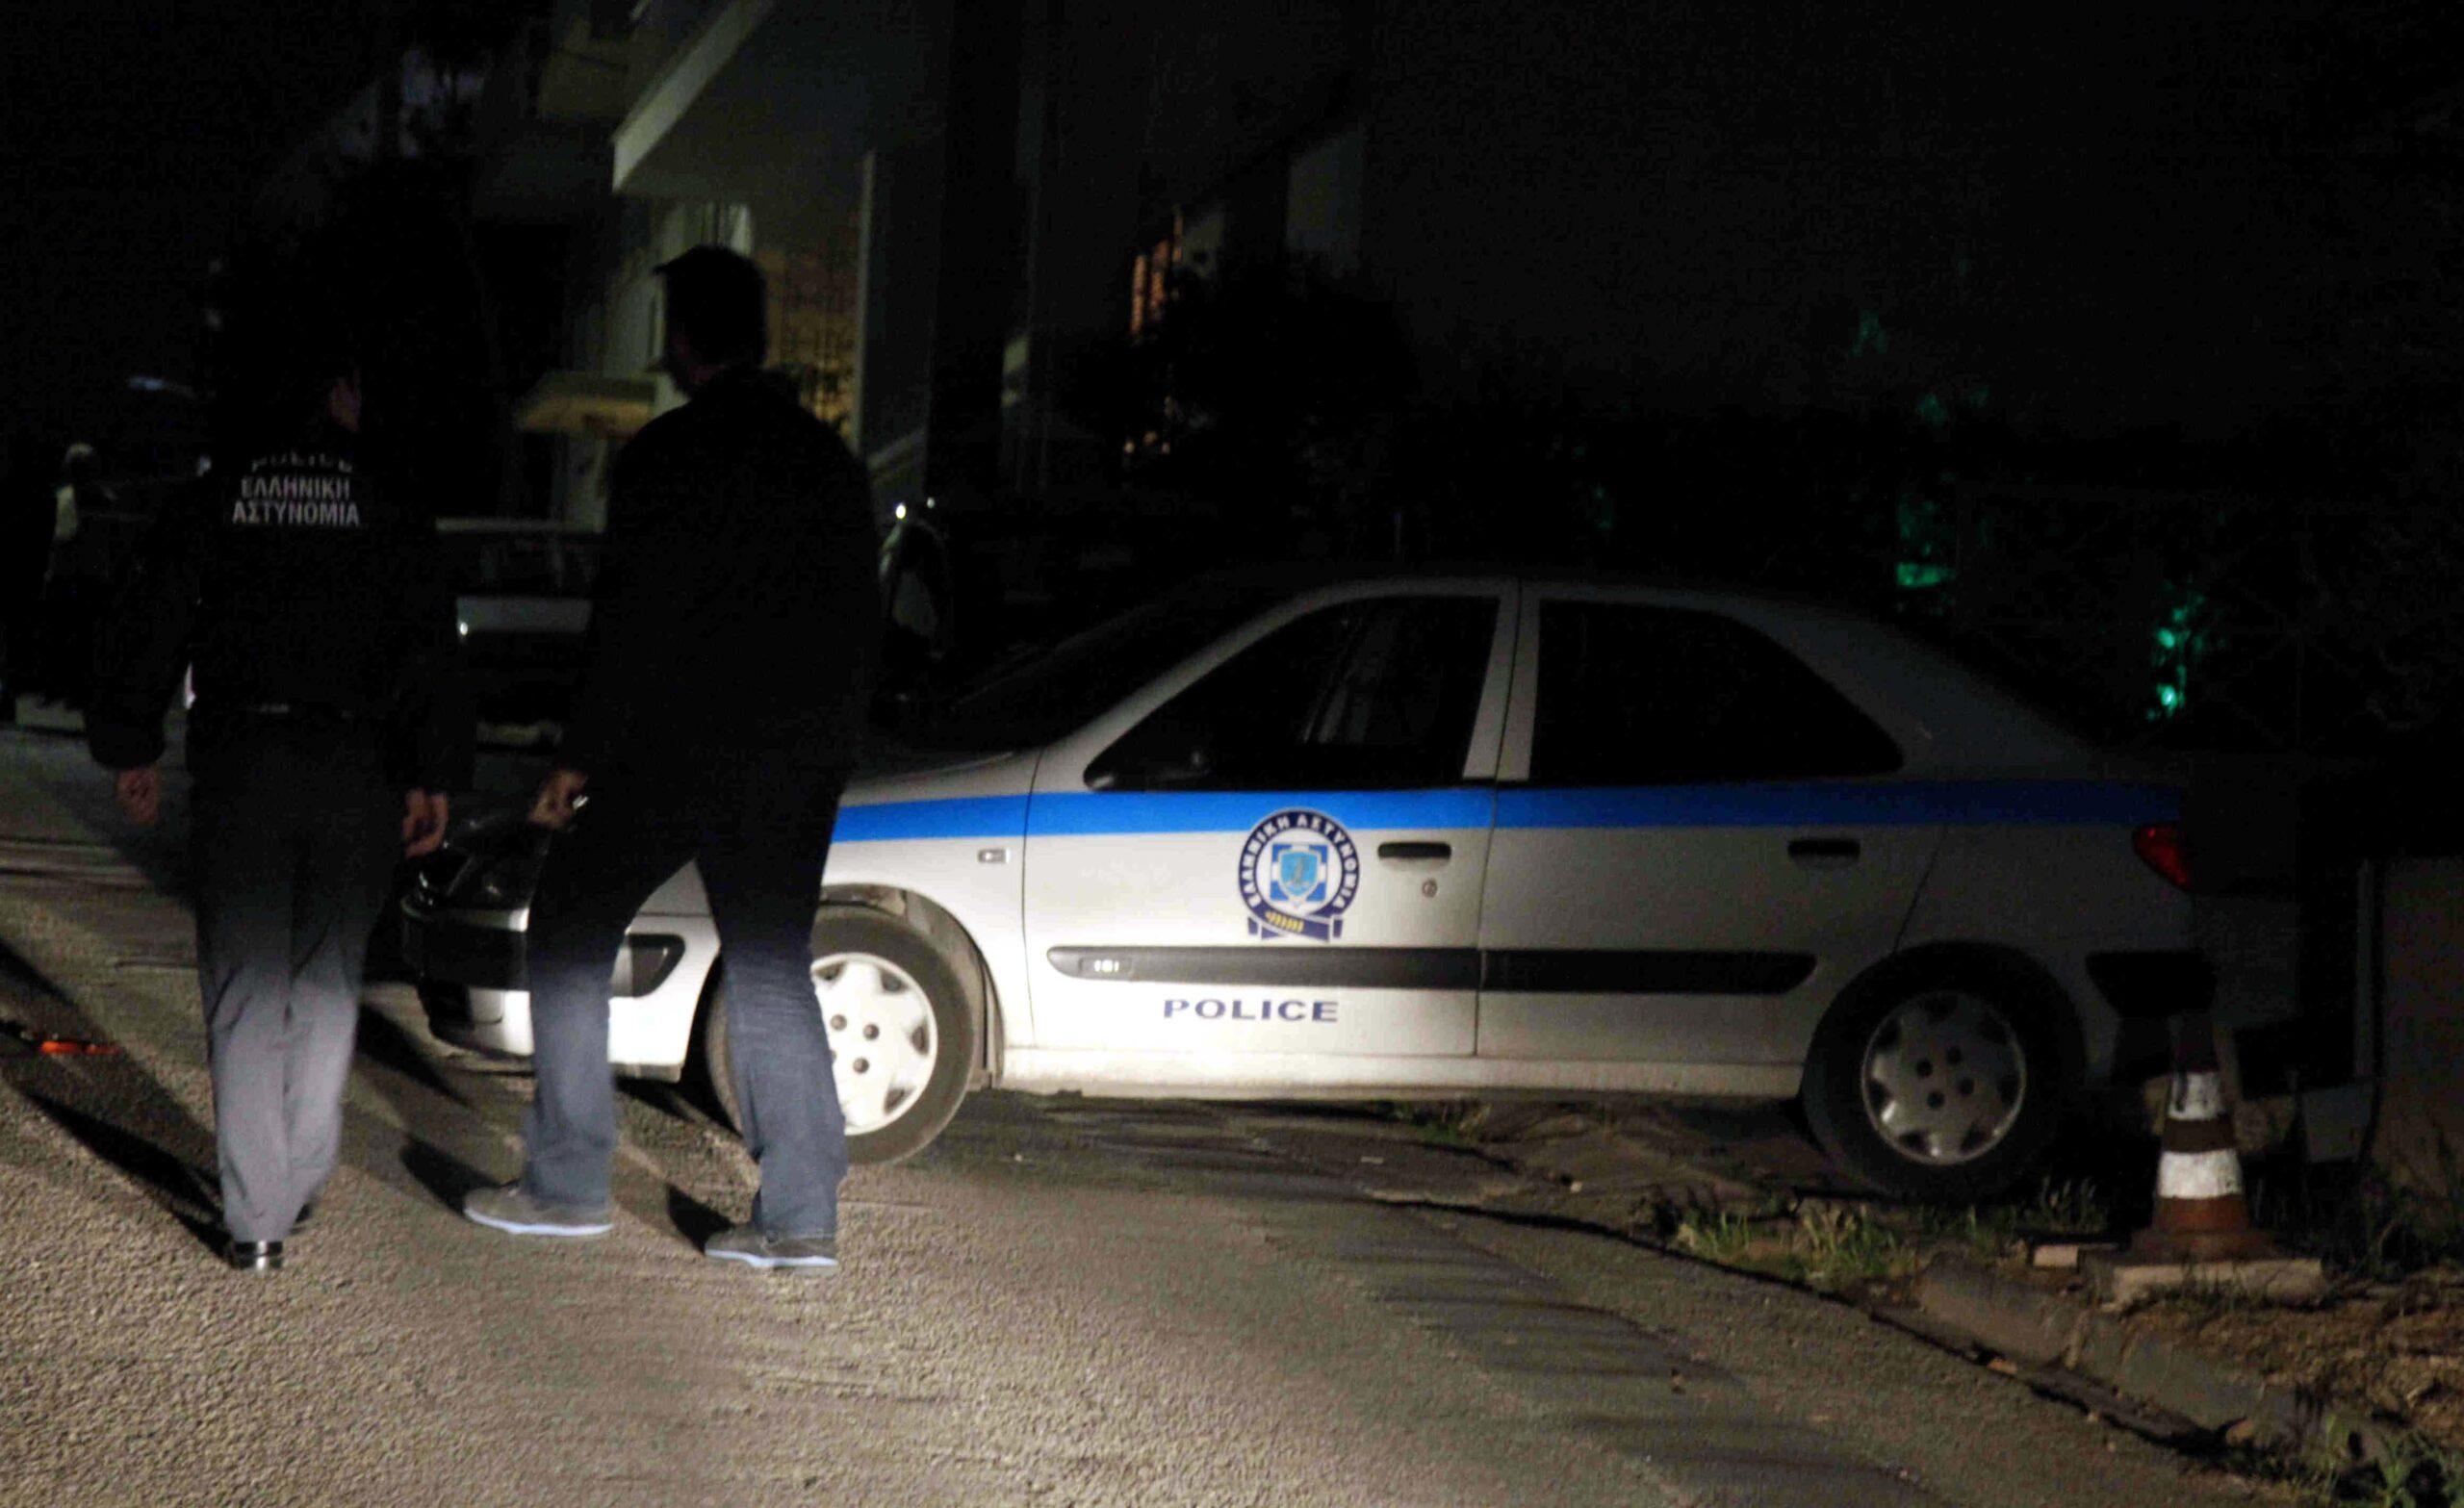 Συνελήφθη αλλοδαπός ο οποίος διέπραξε ληστεία σε κατάστημα στην Κομοτηνή